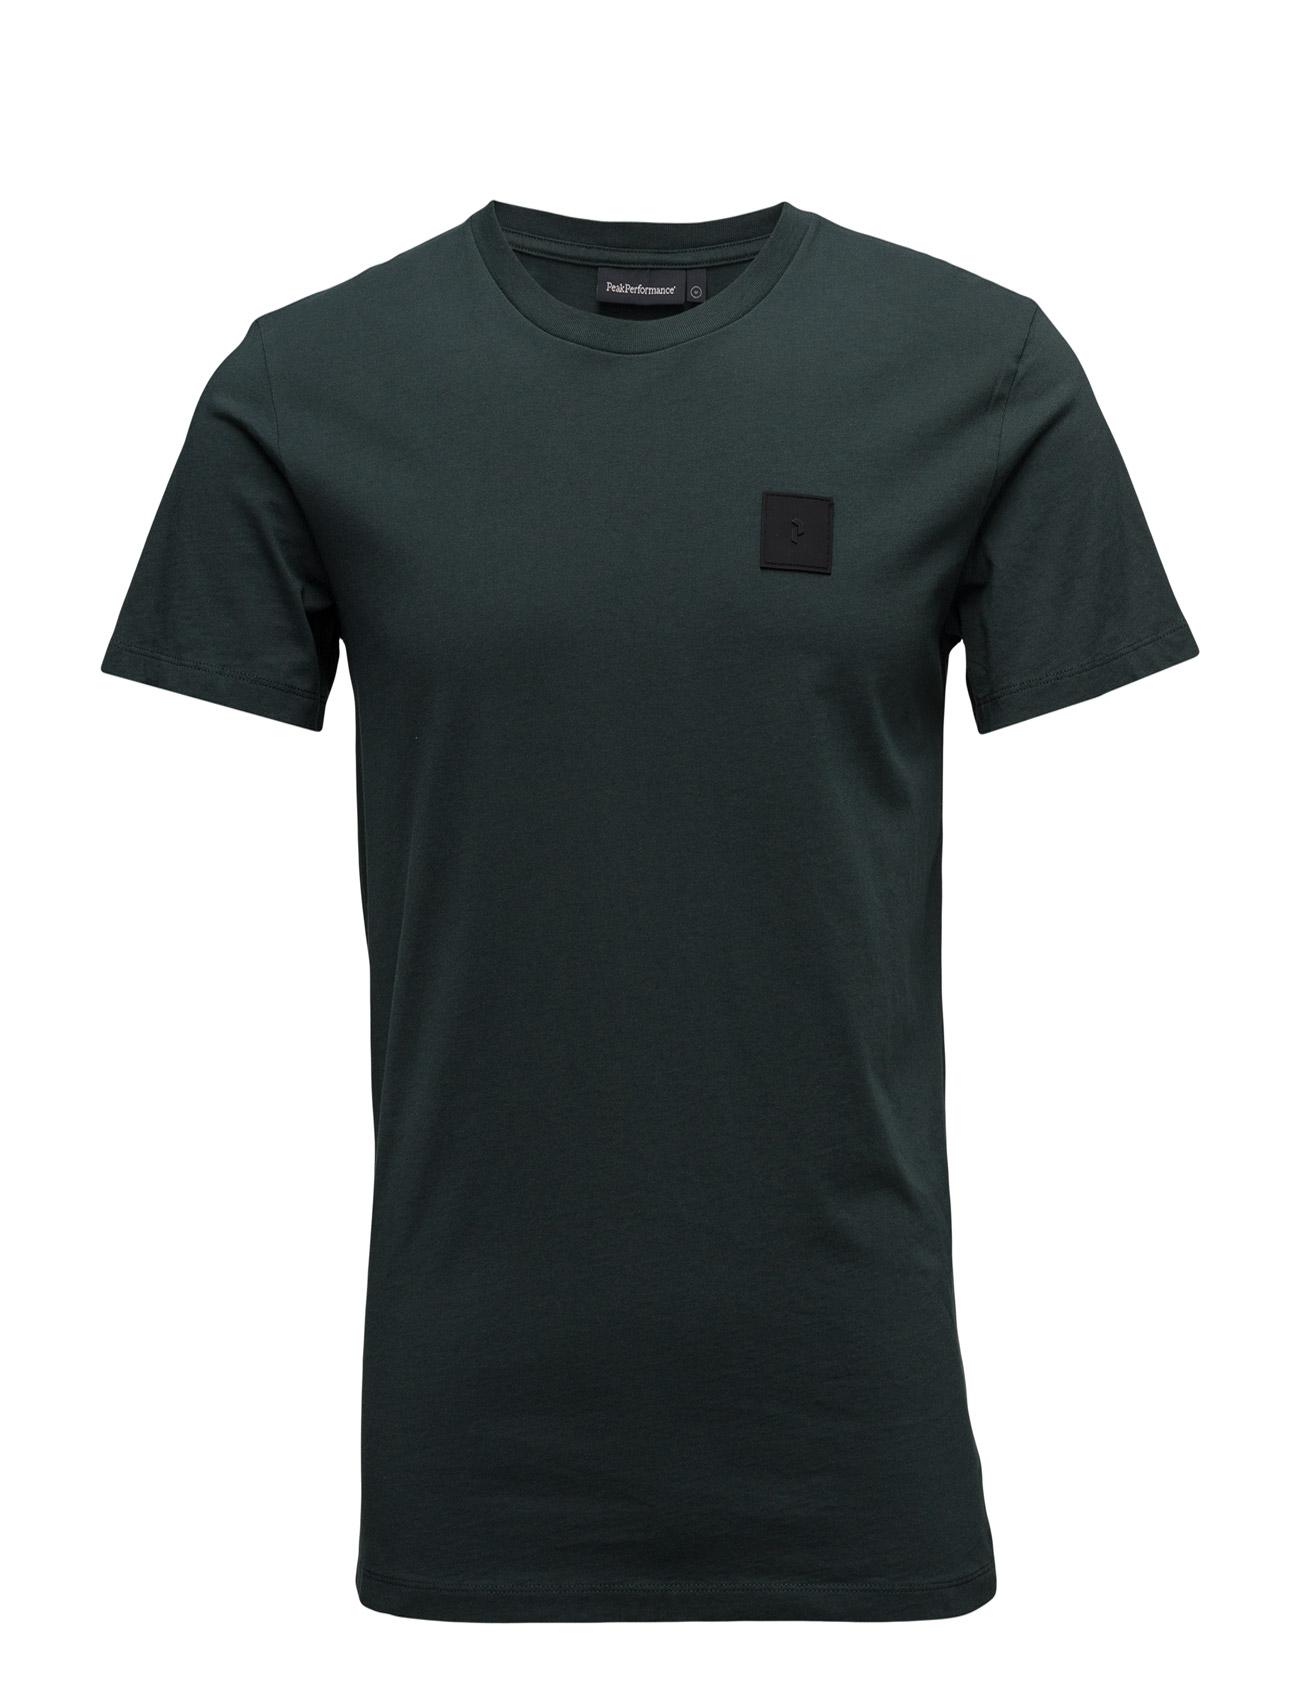 Orig Tee Peak Performance T-shirts til Mænd i